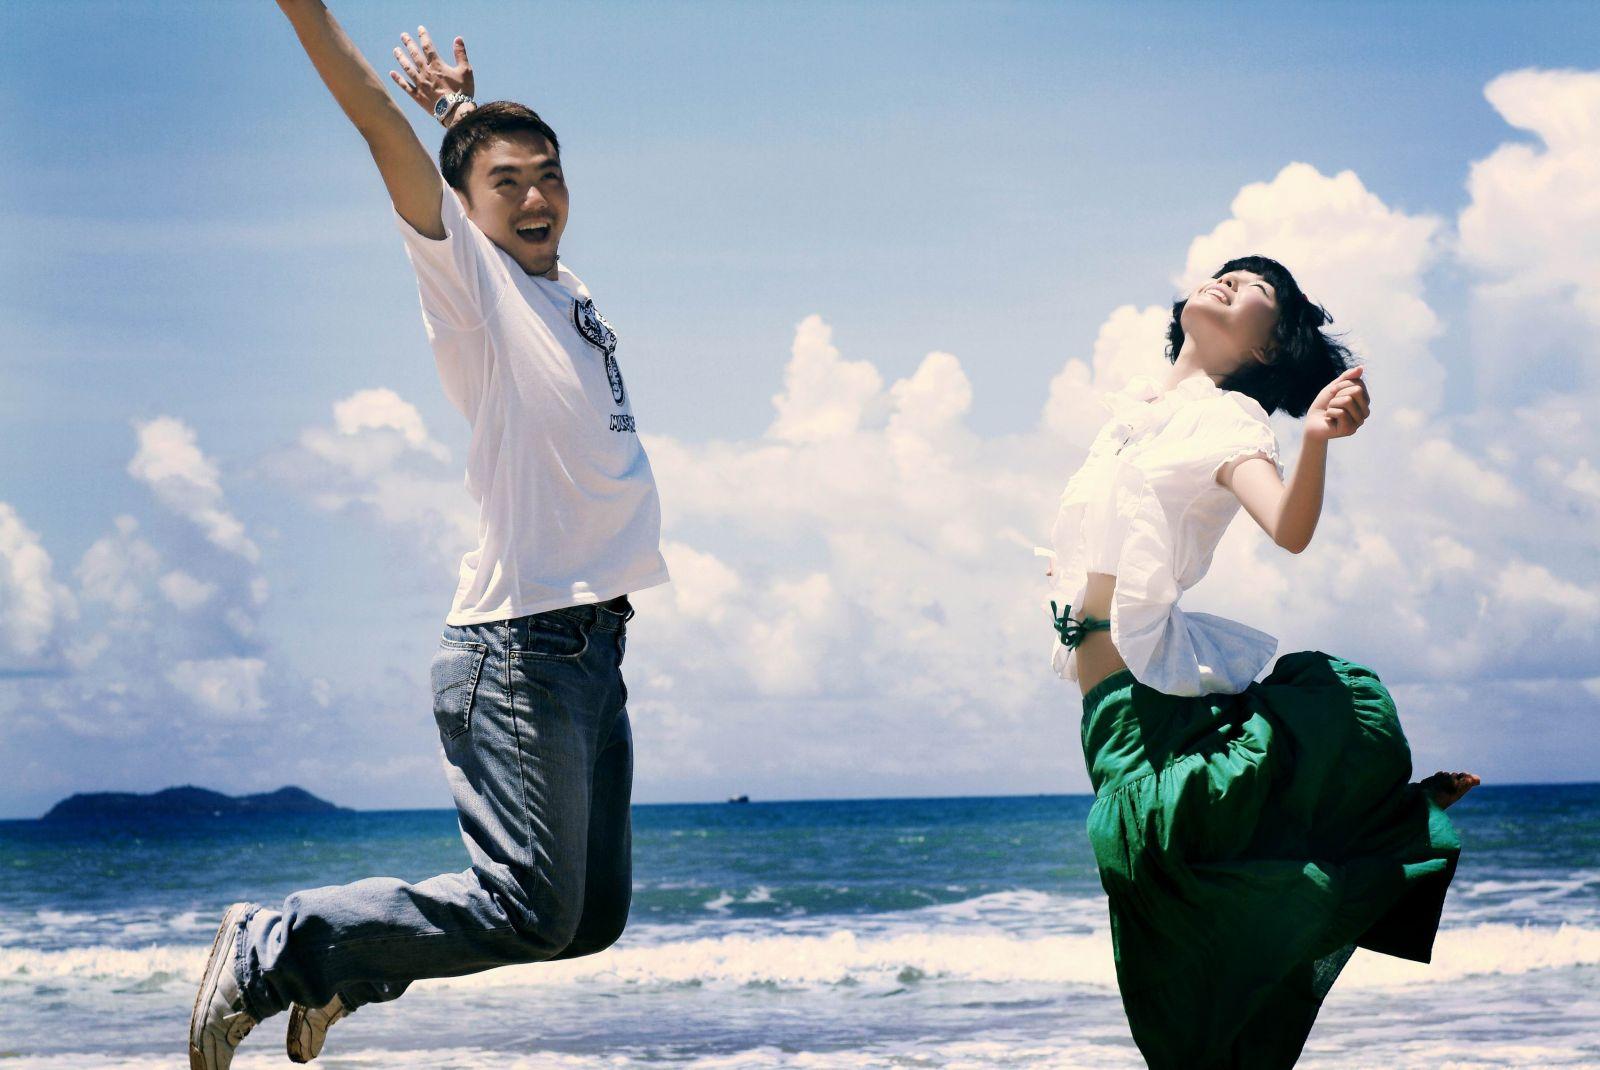 东澳岛客片 | 婚纱客片 | 客片欣赏 | 珠海巴黎春天